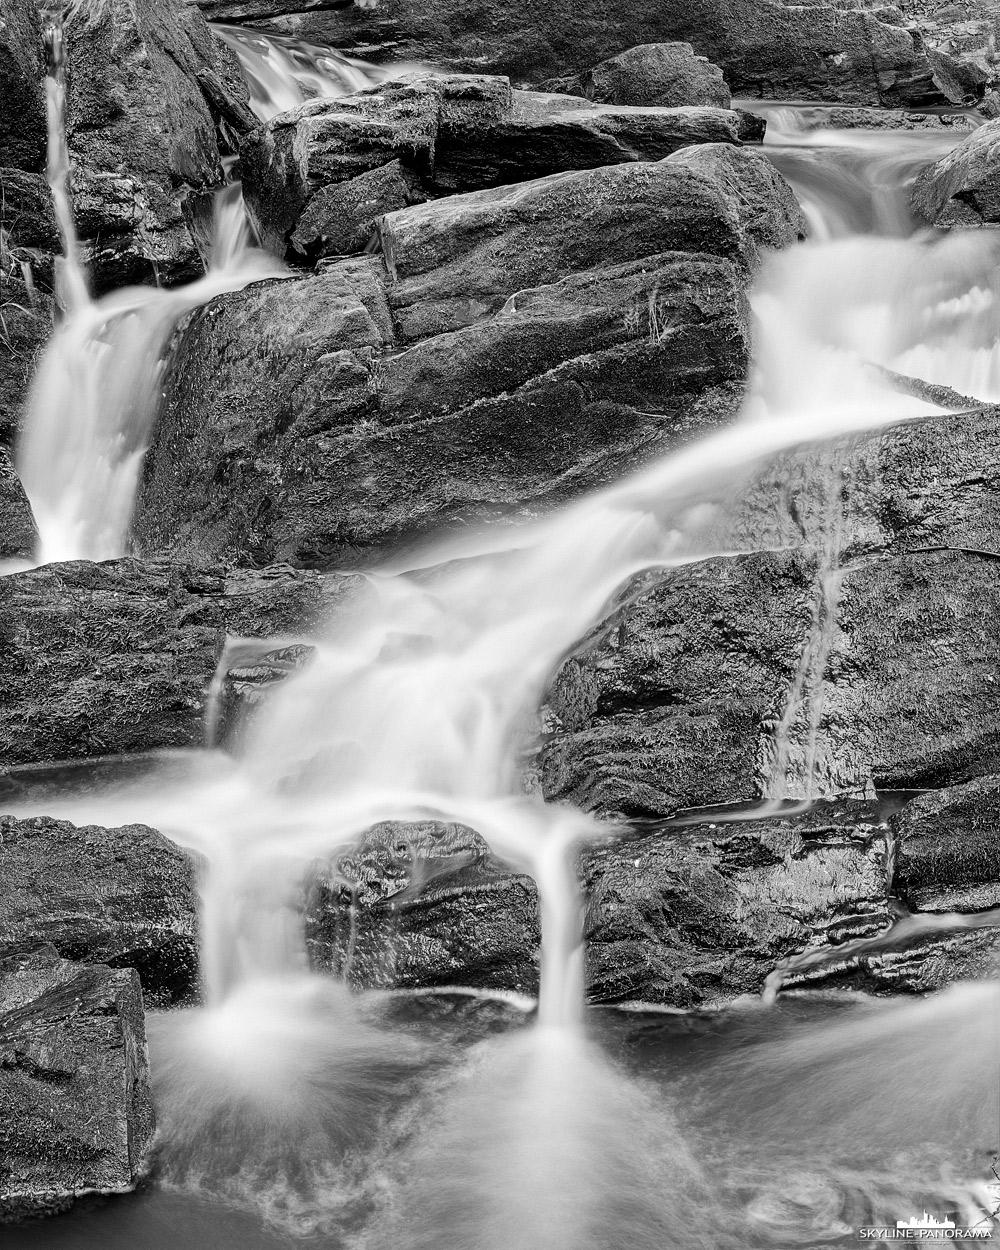 """4x5"""" Grossformat - Wasserfall im Selketal bei Alexisbad Harz. Hierbei handelt es sich um eine Schwarz-Weiß Aufnahme im 4x5"""" Grossformat auf Ilford Delta 100."""